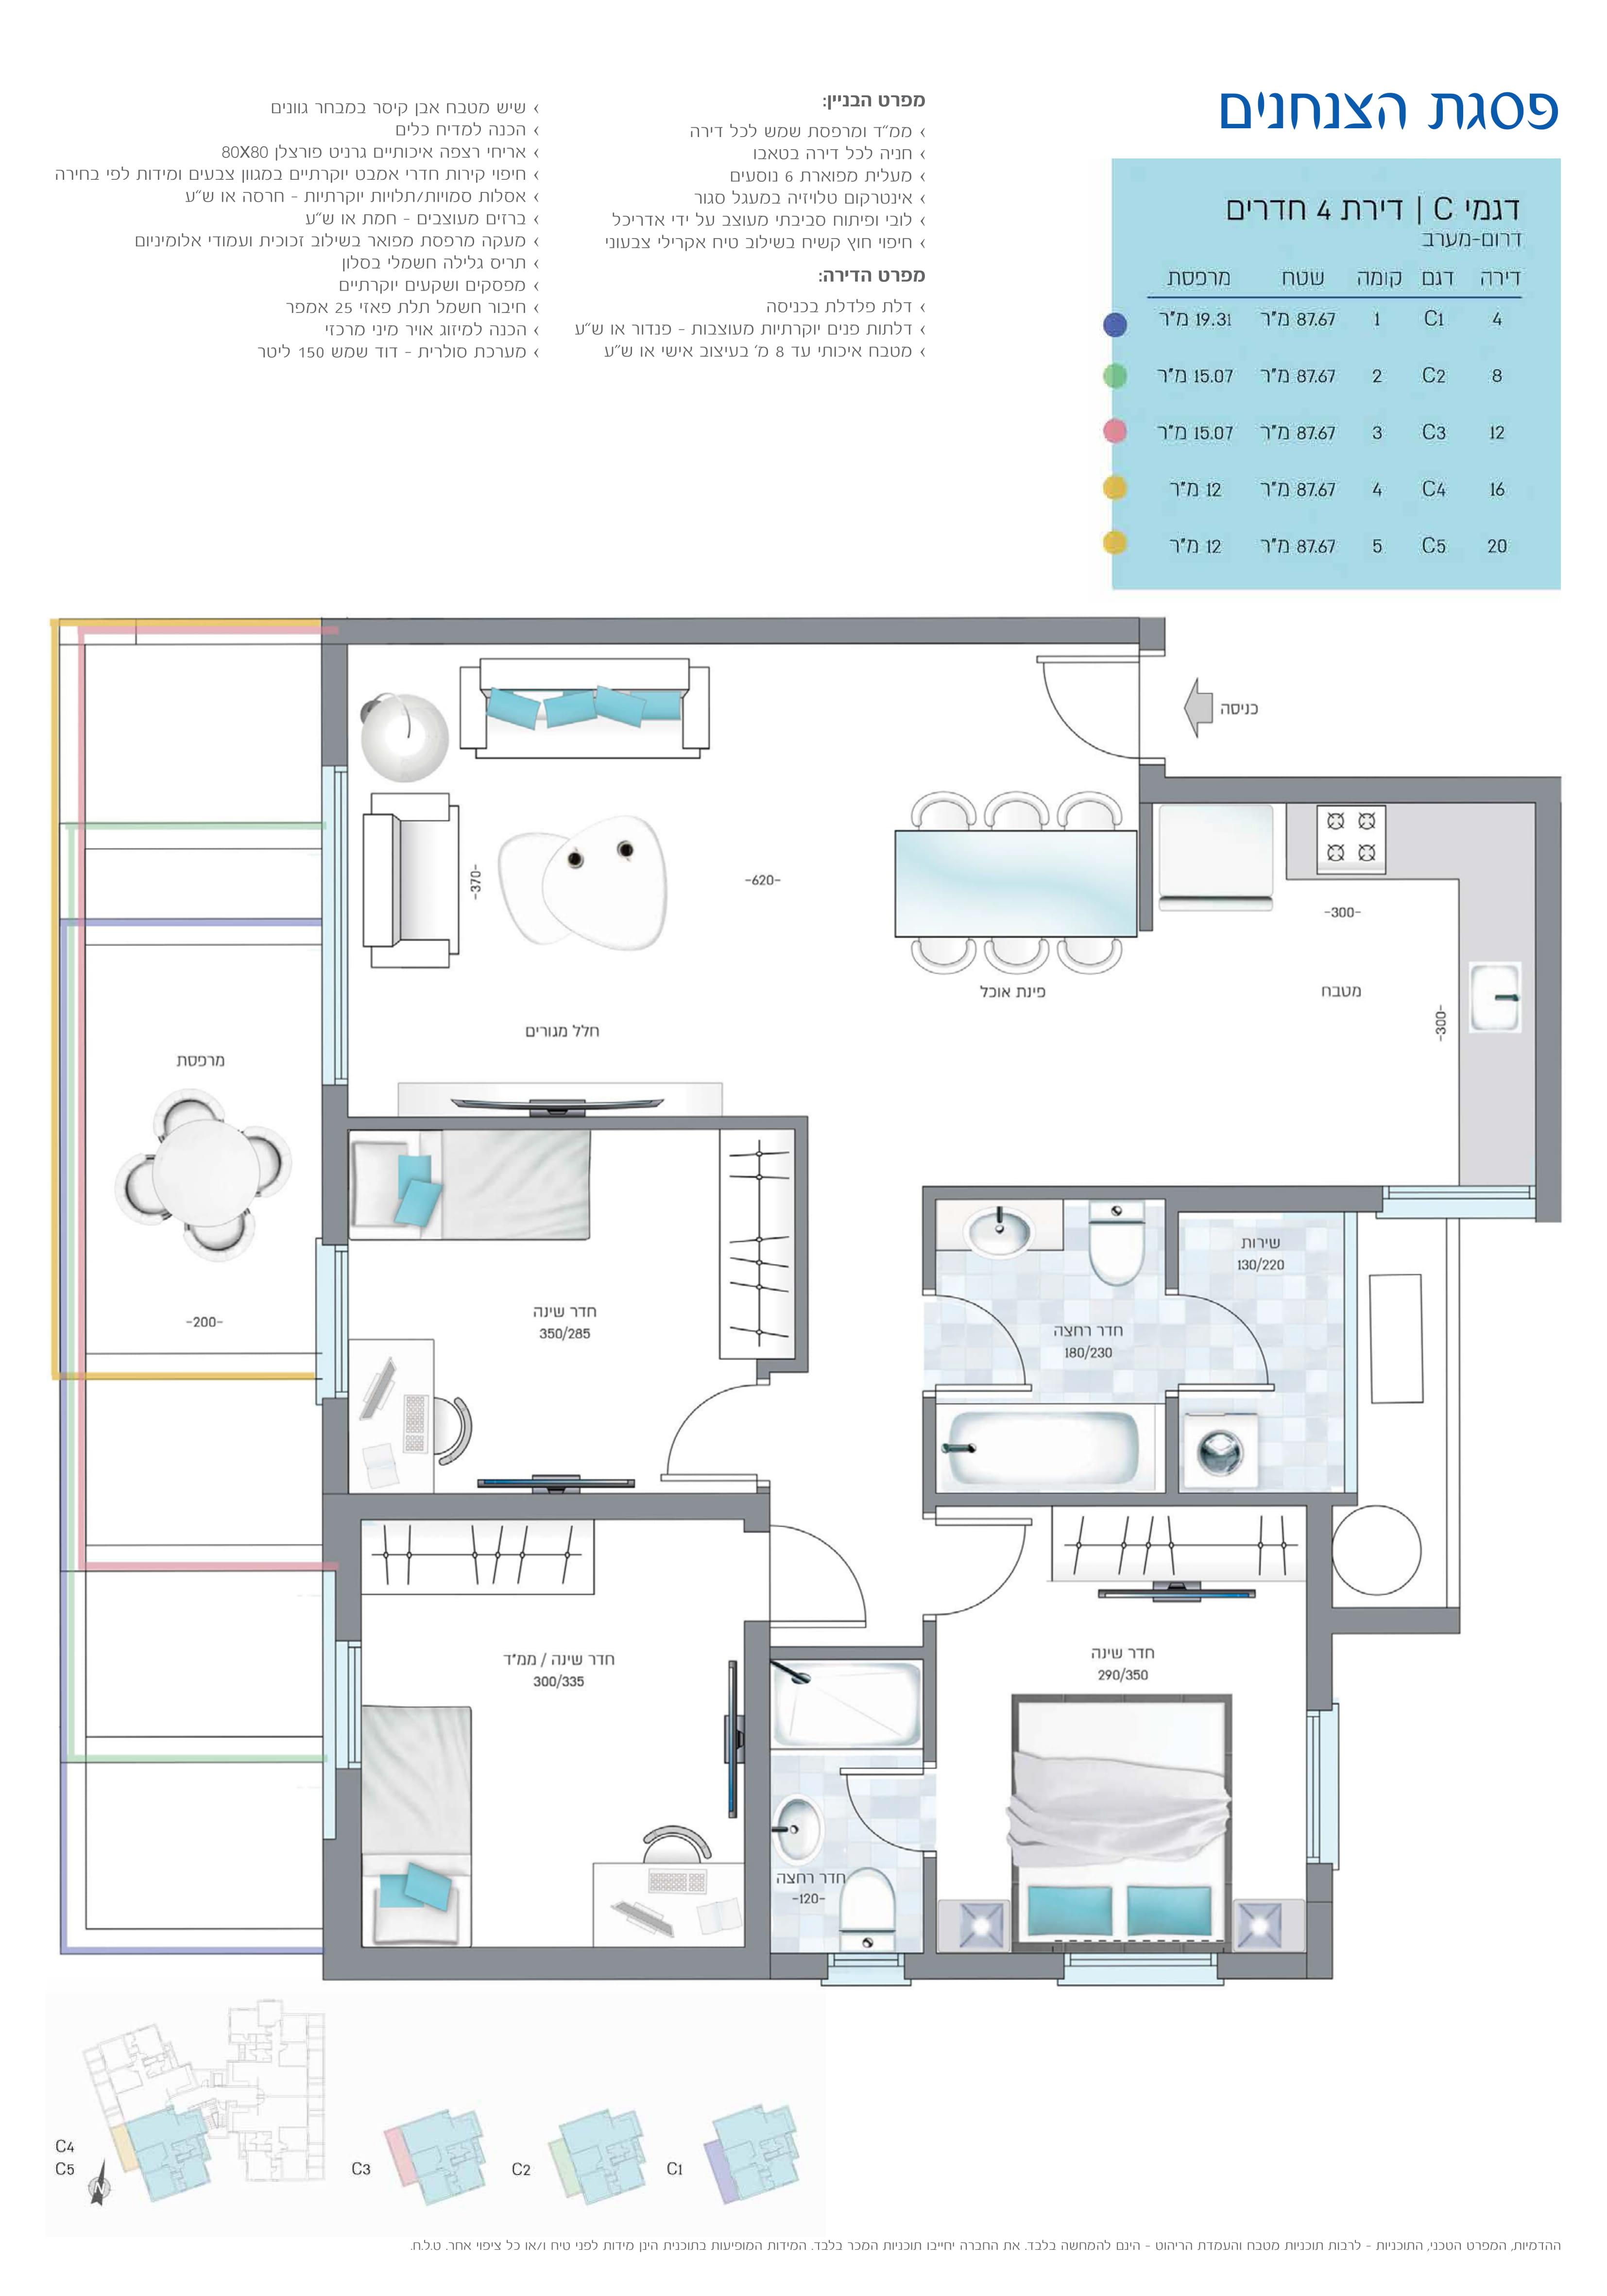 תוכנית הדירה לנכס מספר 15